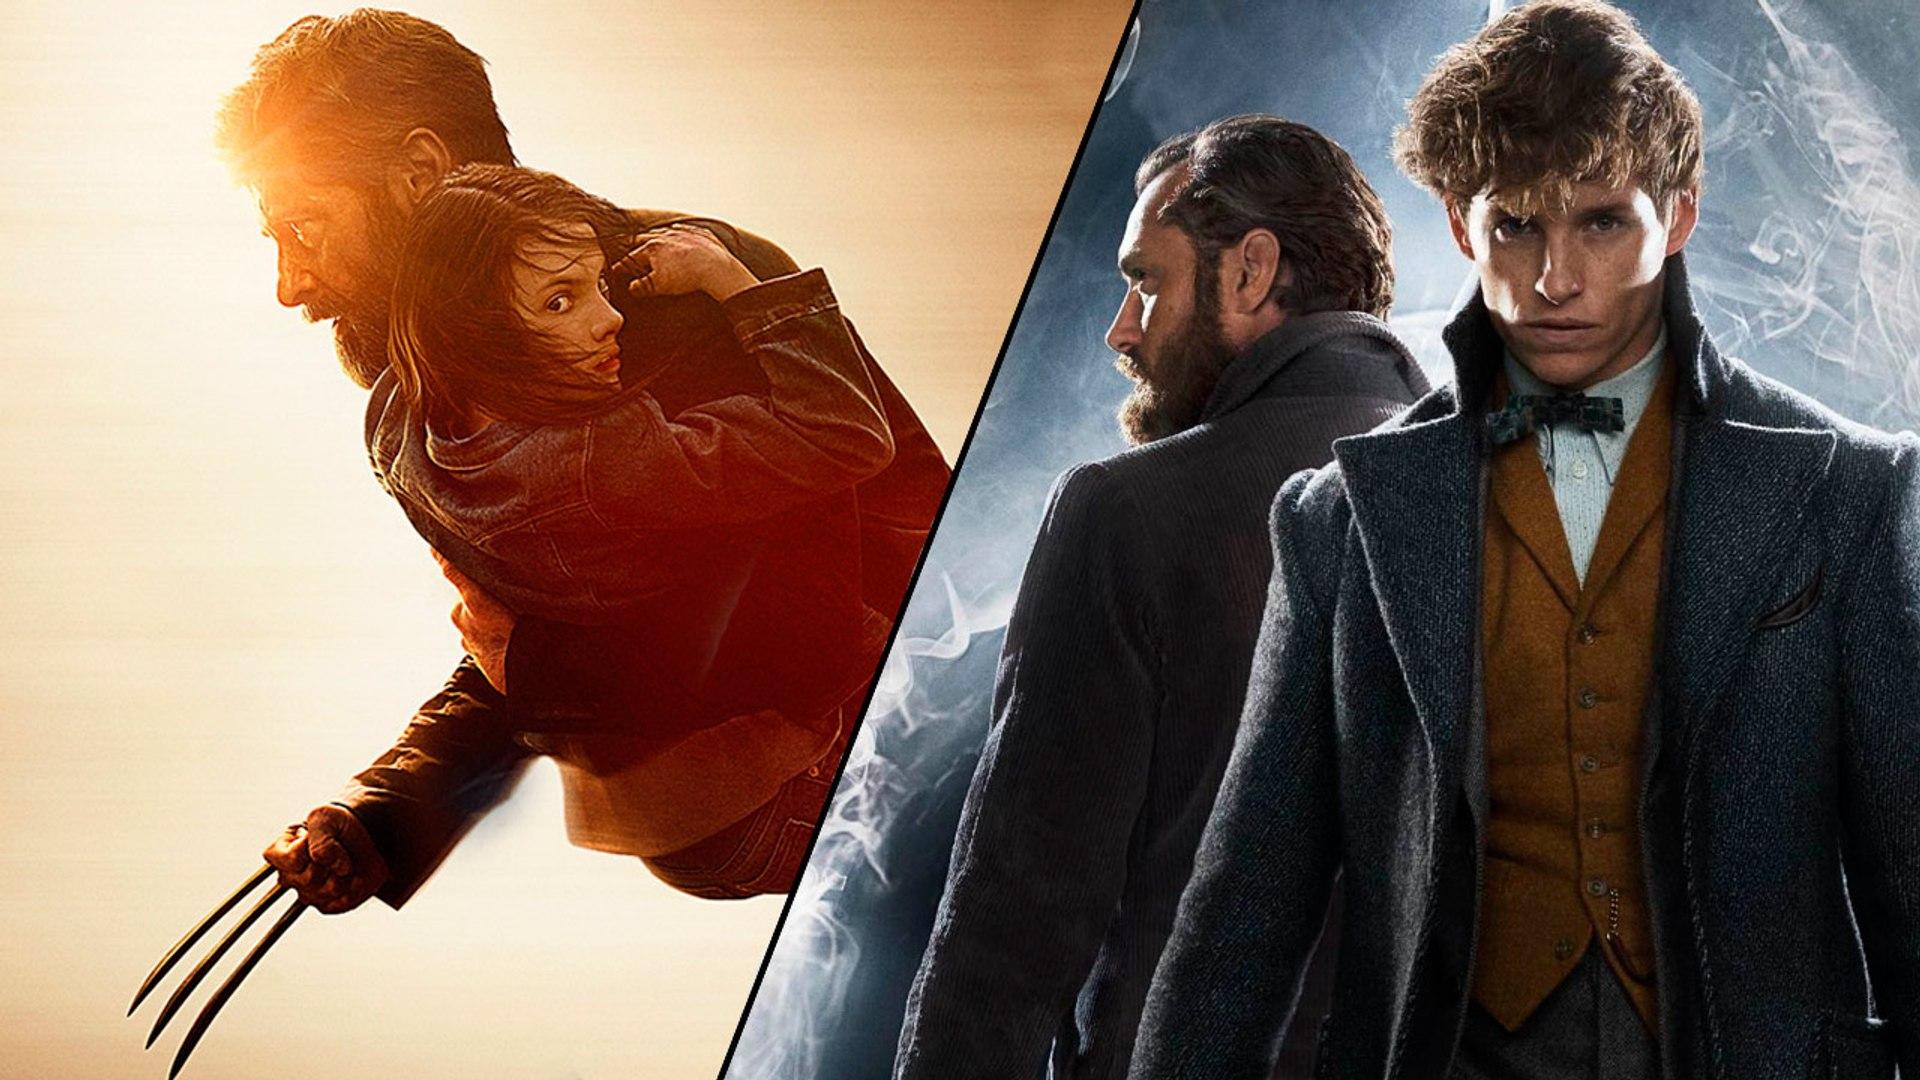 Los mejores spin-offs del cine reciente que no debes perderte